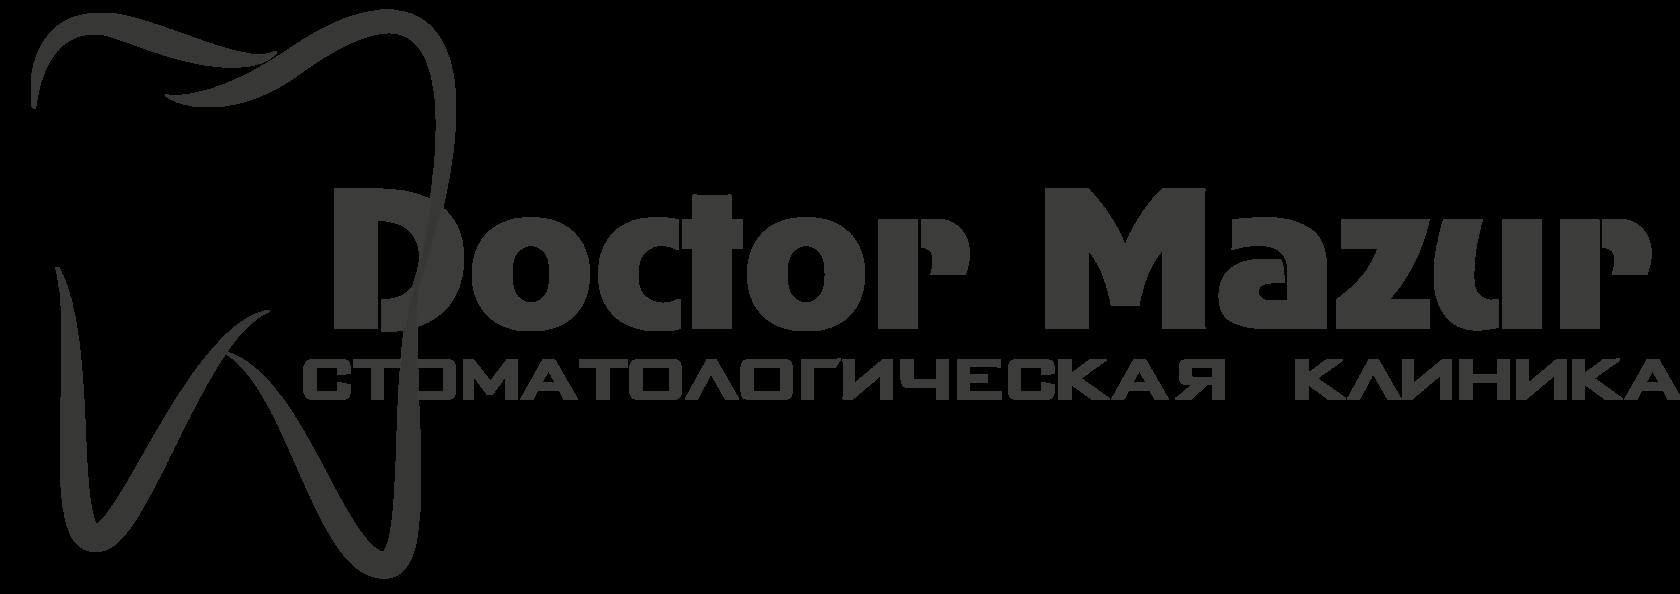 Doctor Mazur